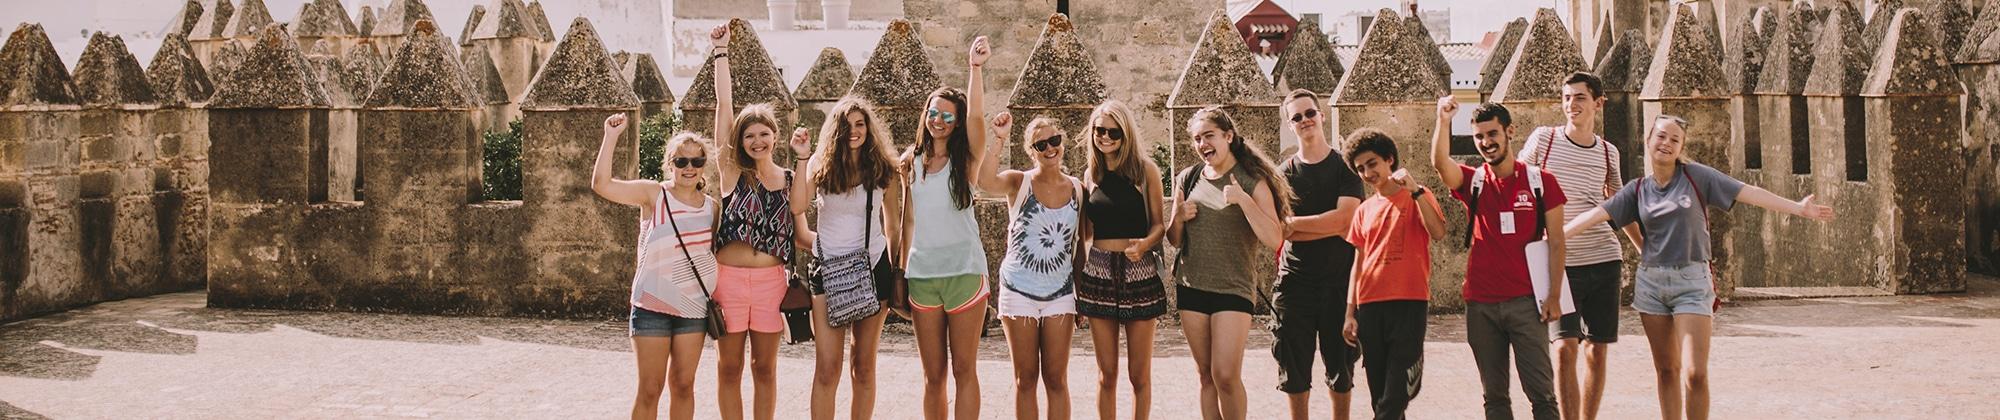 Spanish language school trip in Cadiz, Spain